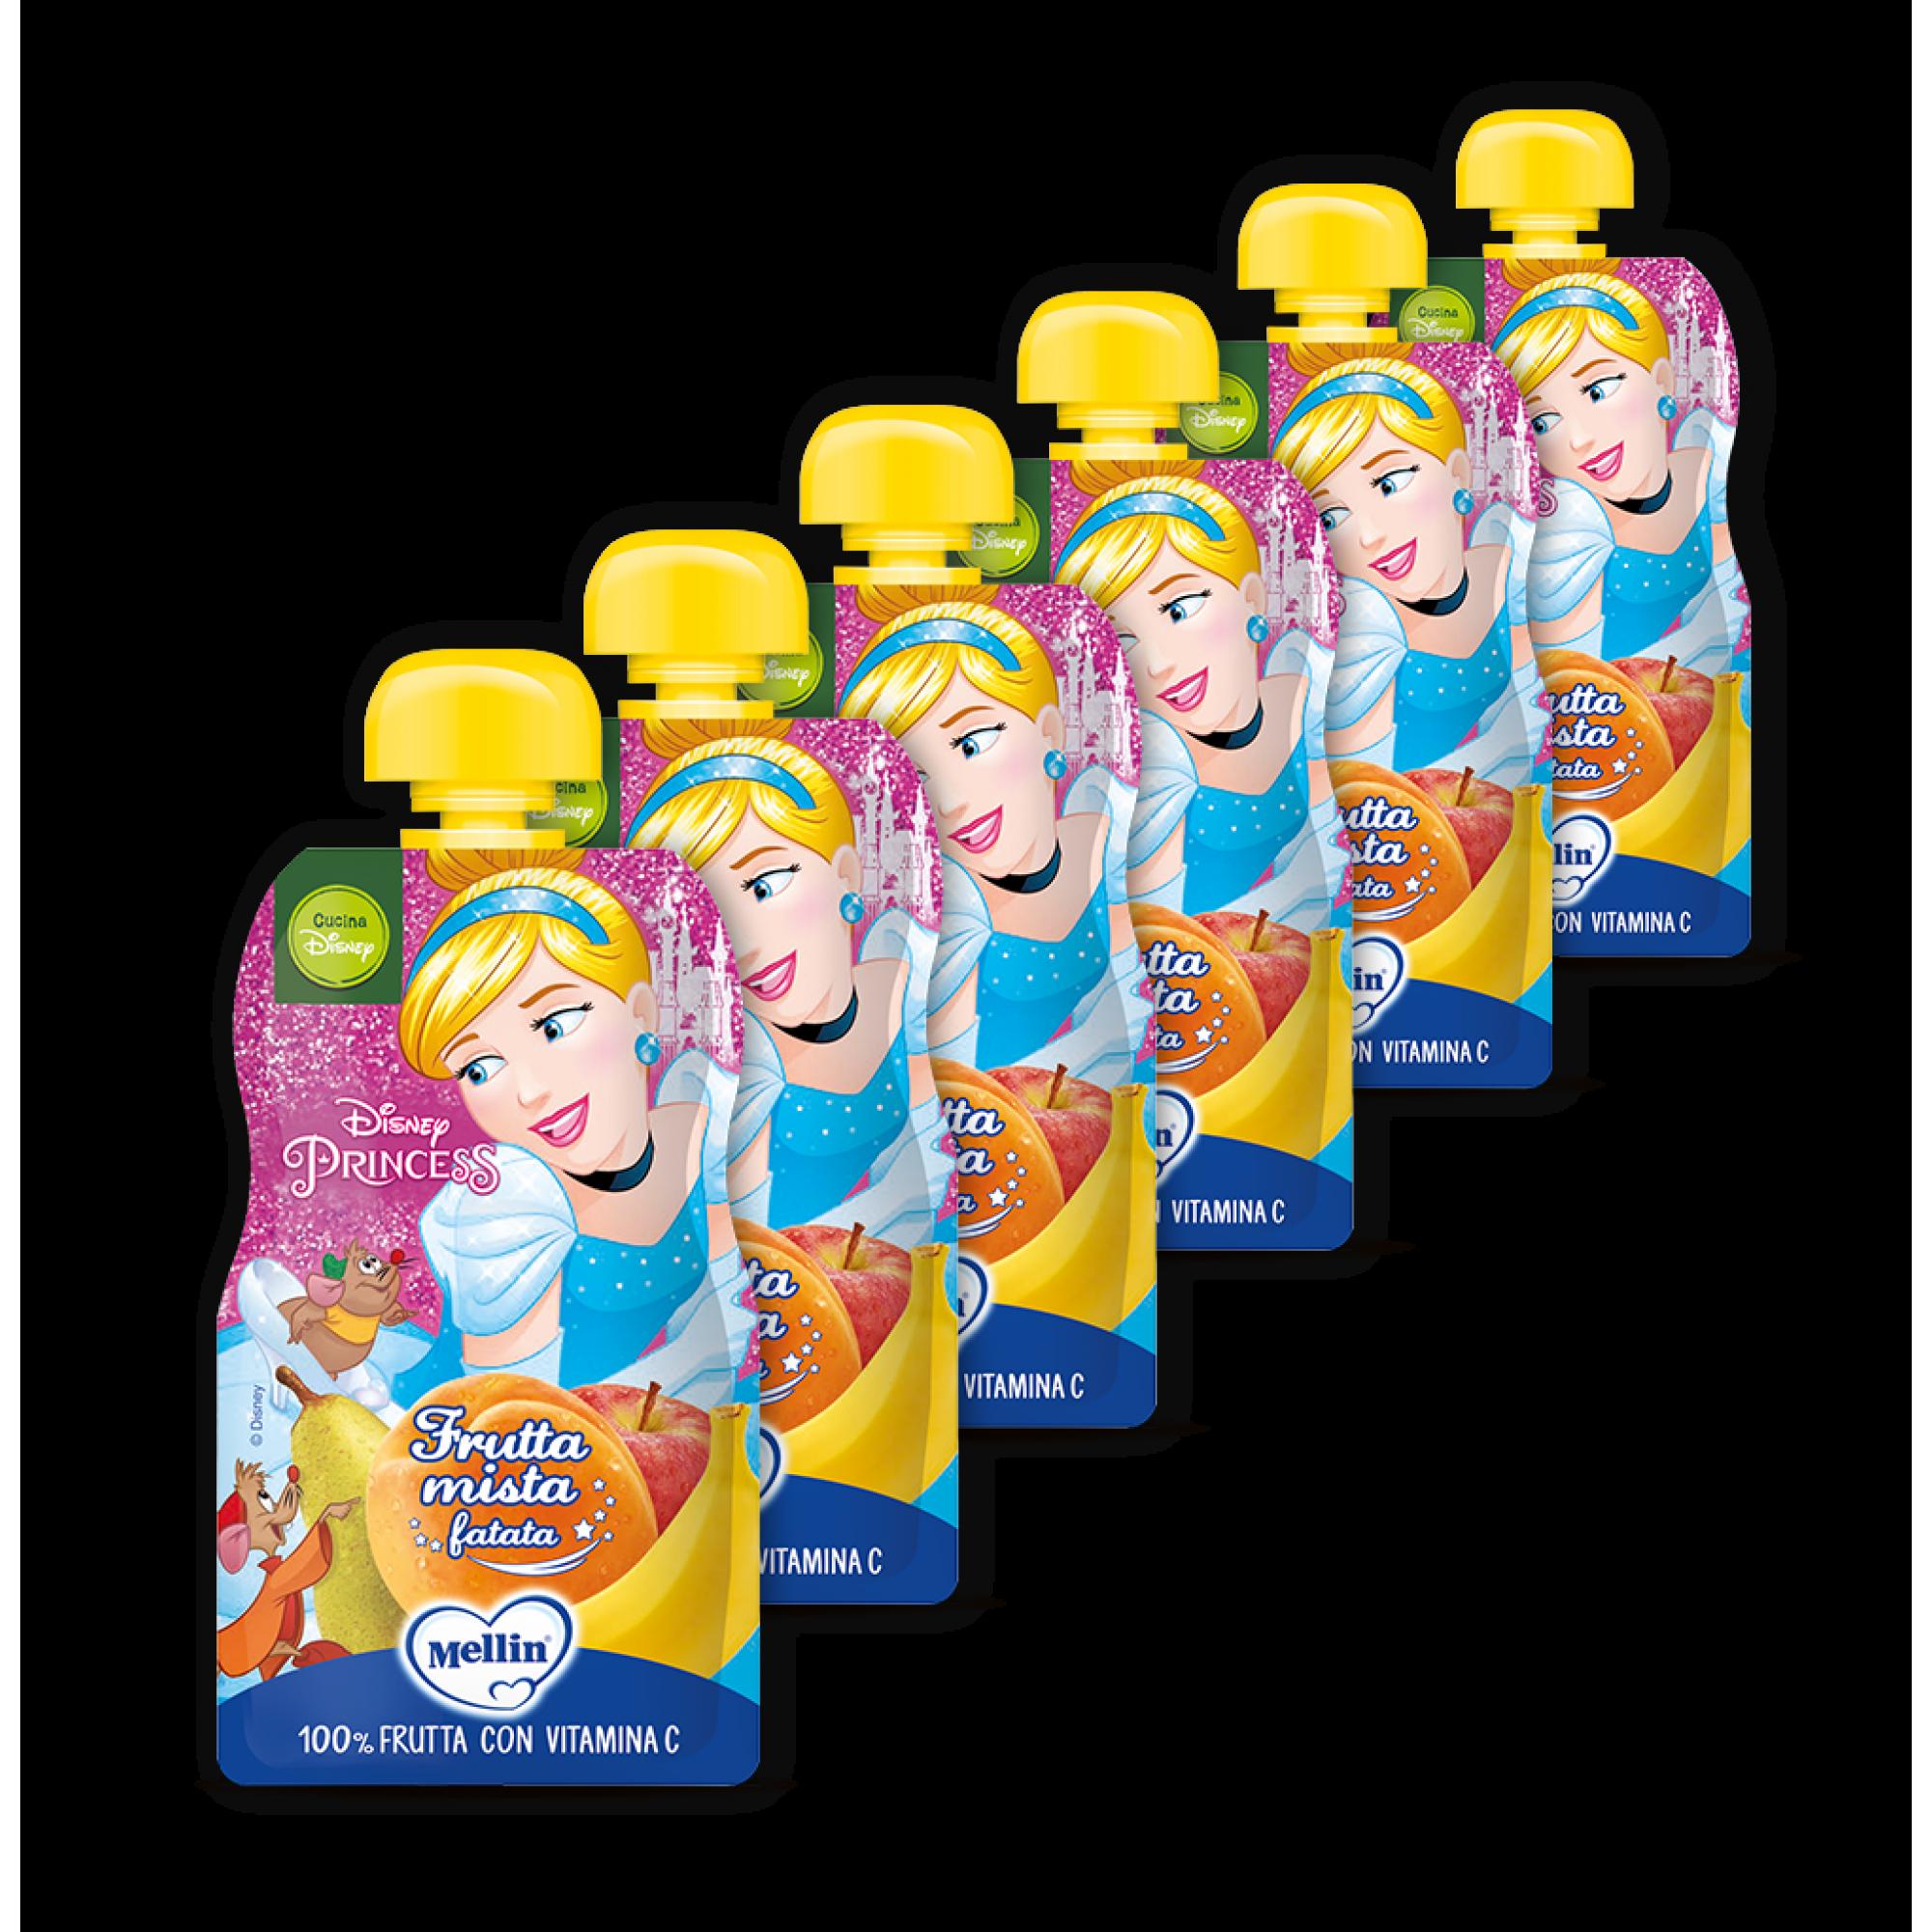 Pachet 6 x Mellin Piure Cocktail de Fructe Disney Princesses, 110g